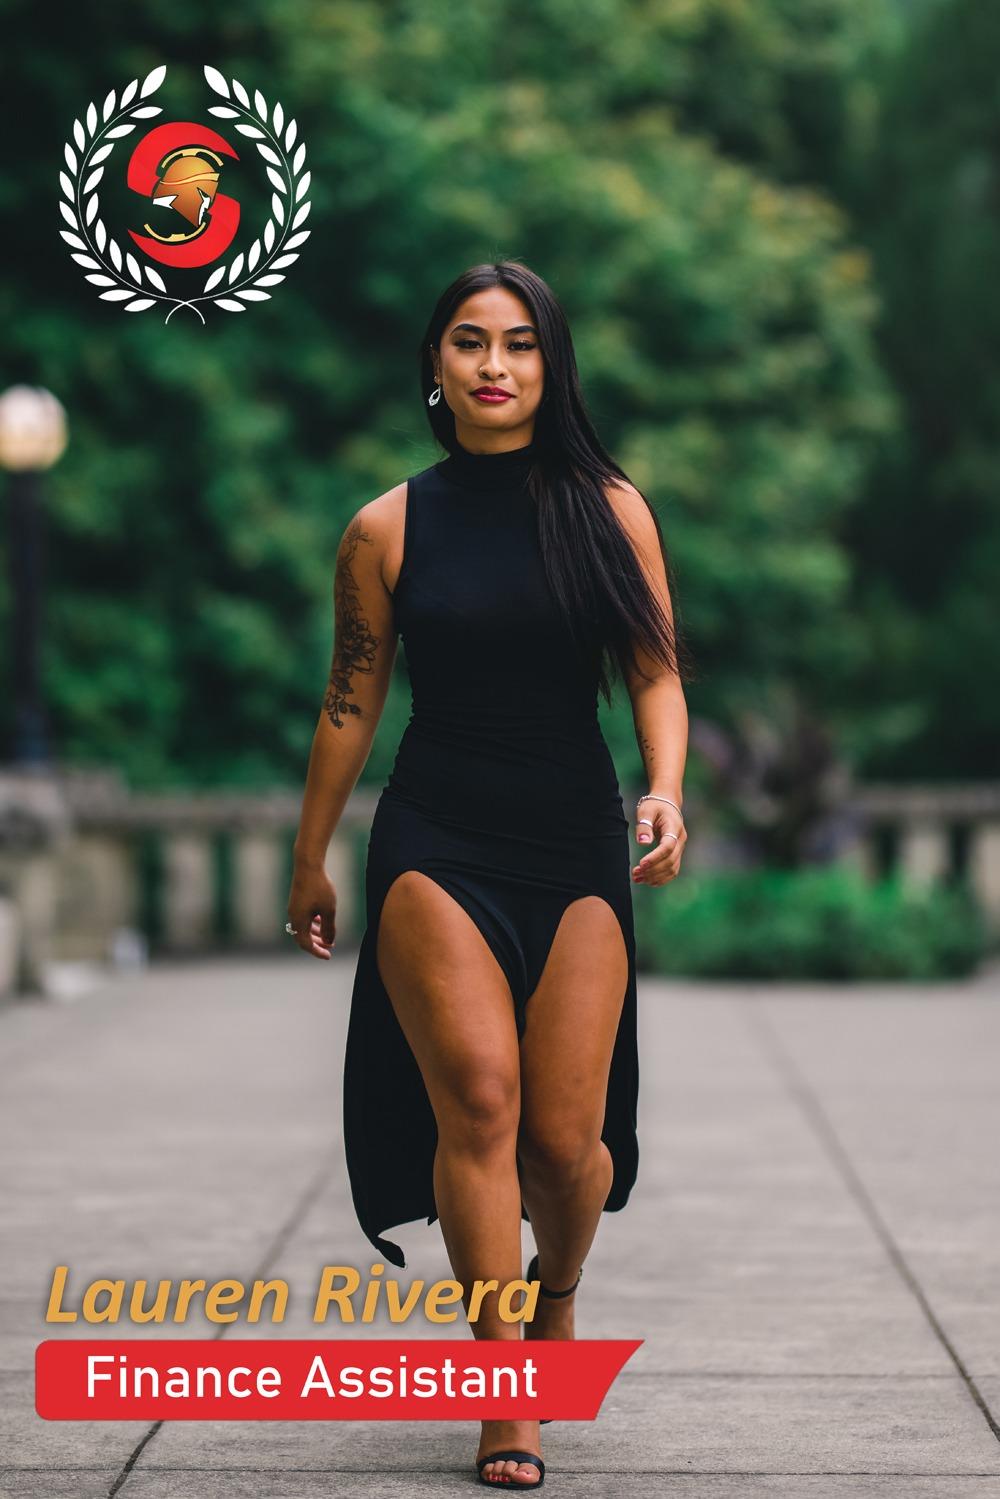 Lauren Rivera